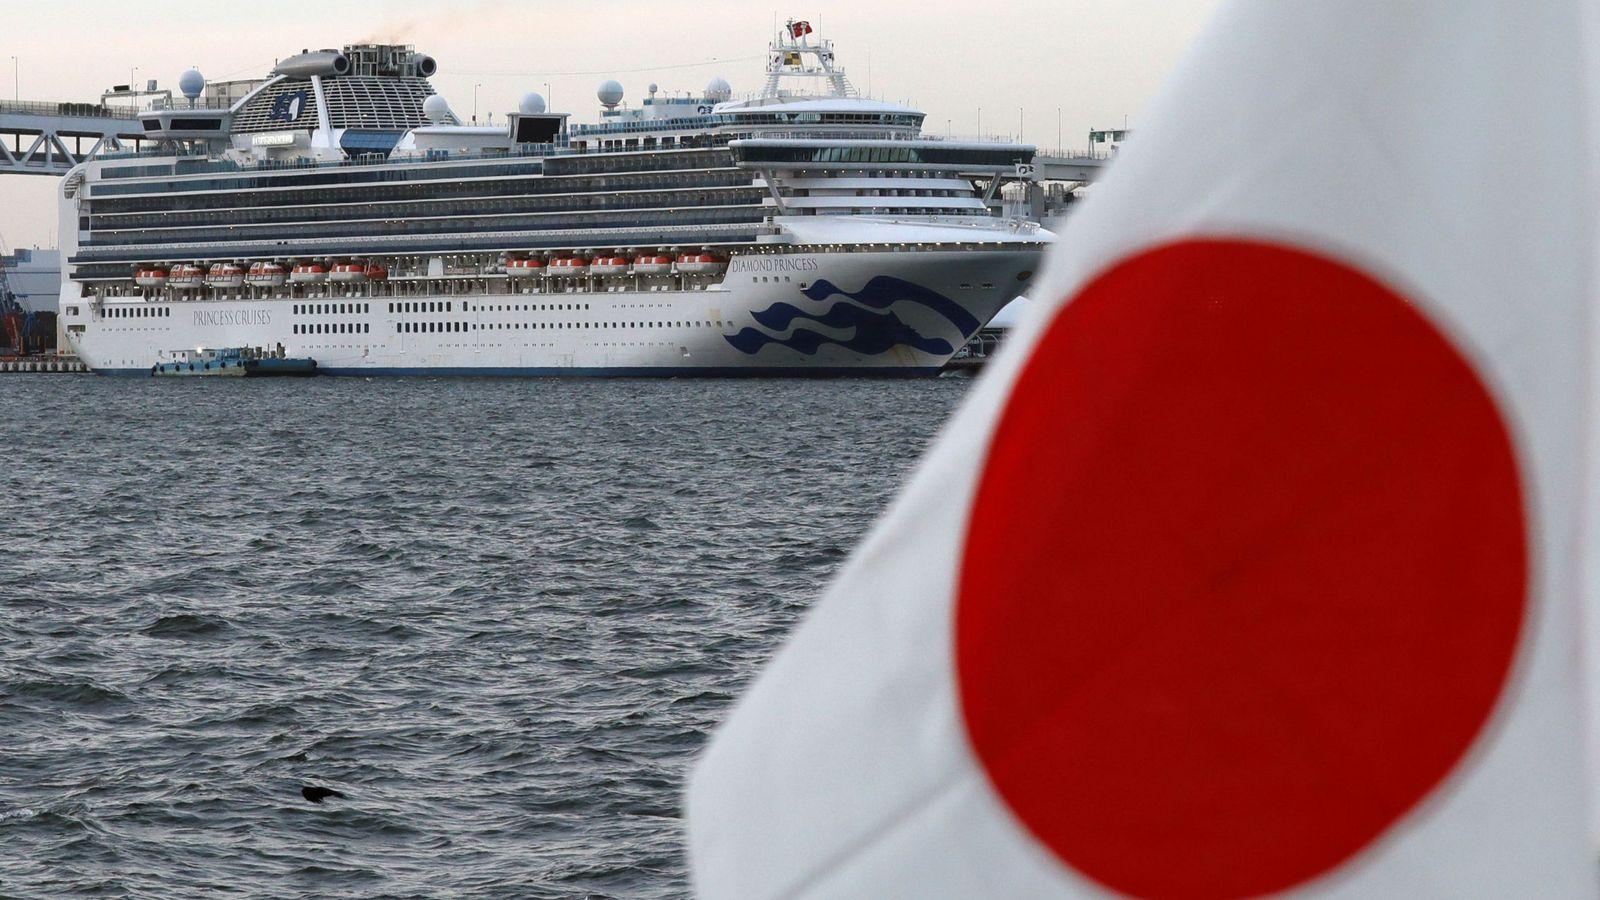 Última hora del coronavirus: Japón eleva a 542 los casos confirmados en el crucero